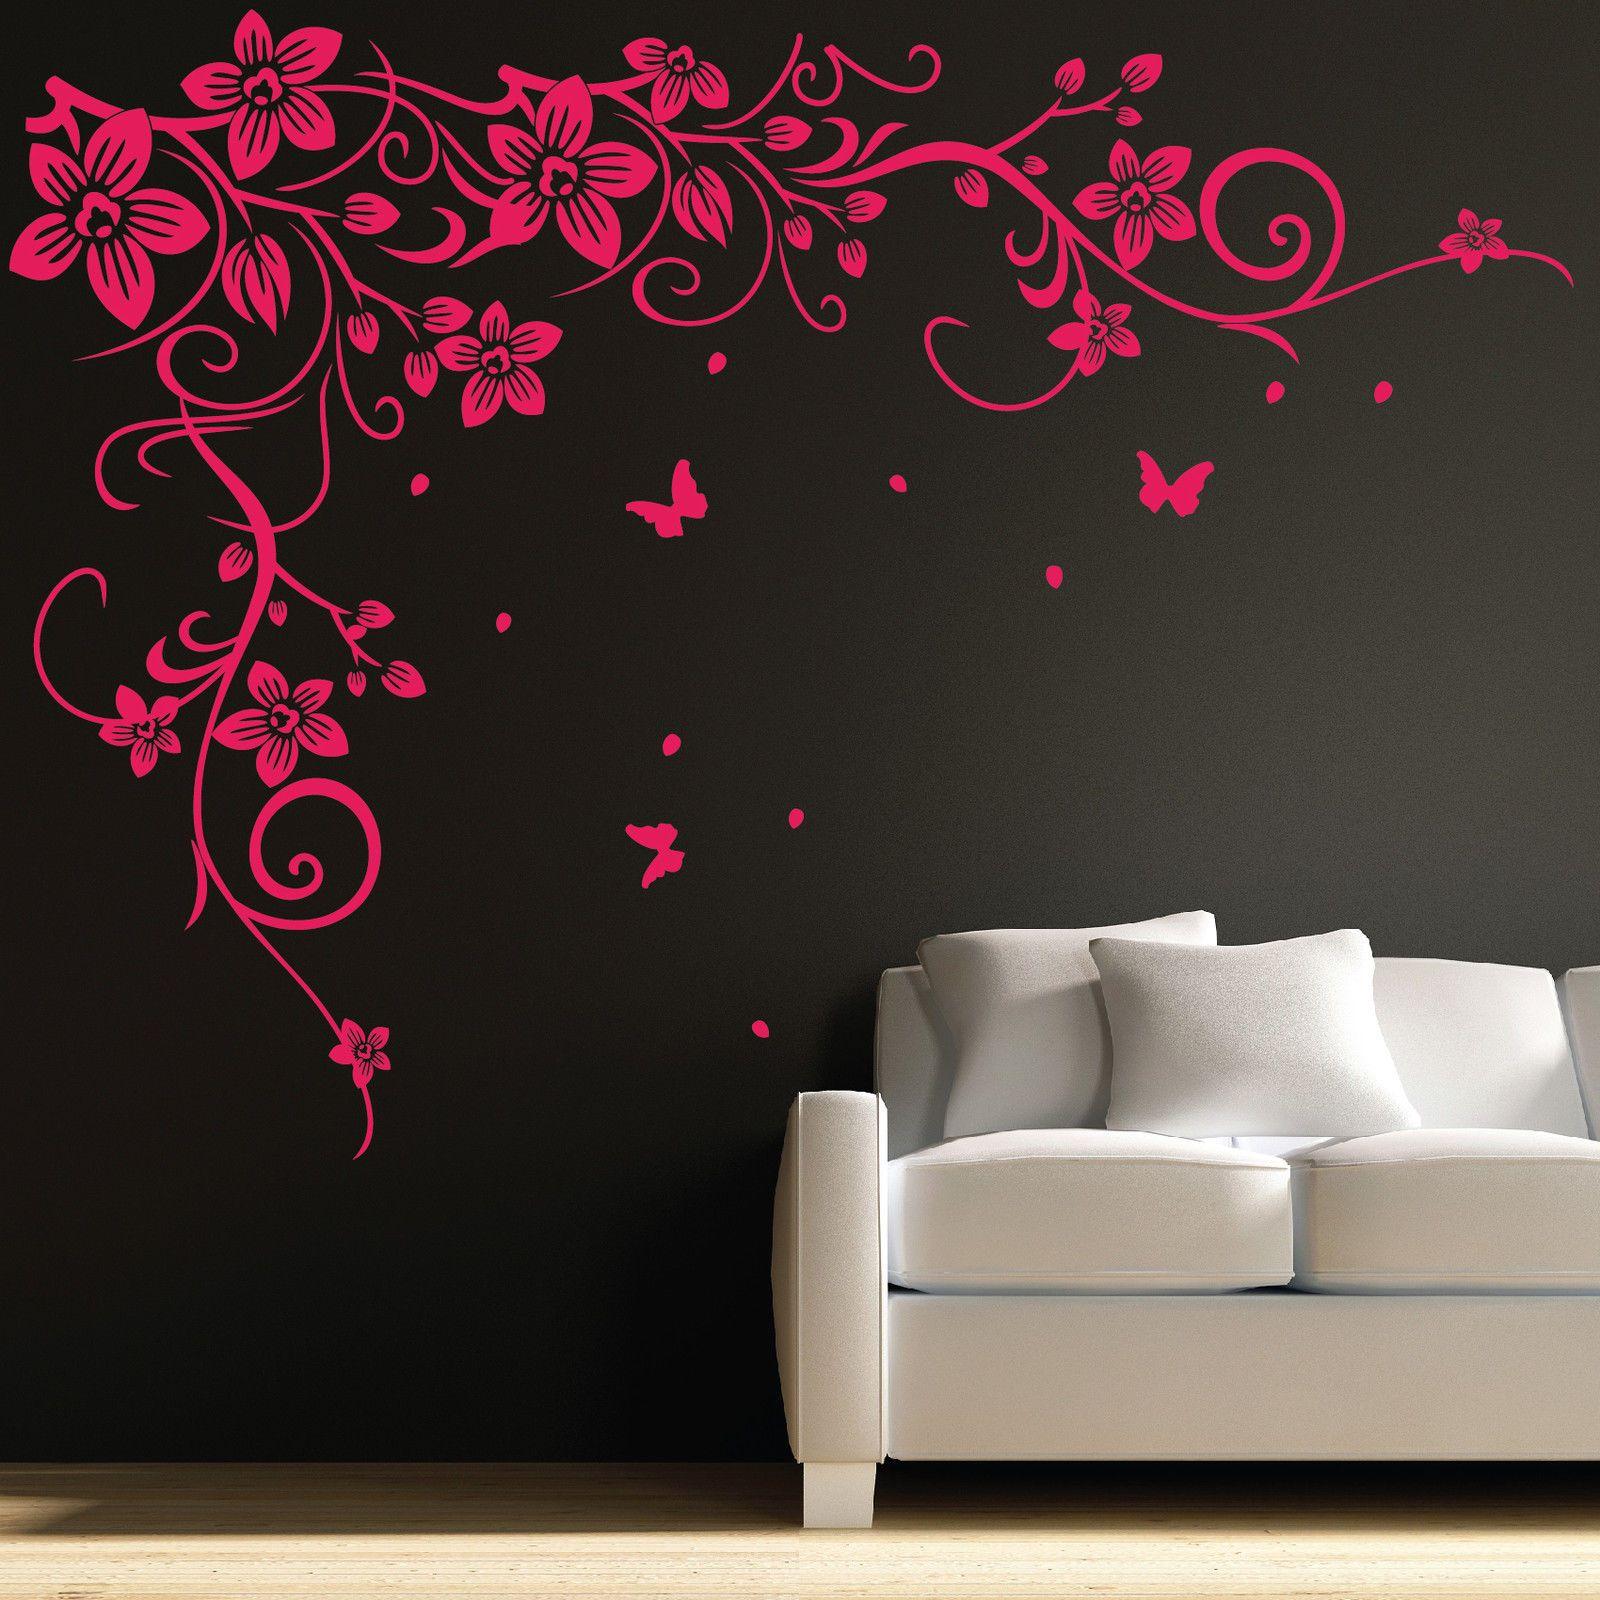 Butterfly Wall Decal Butterfly Vine Flower Wall Art